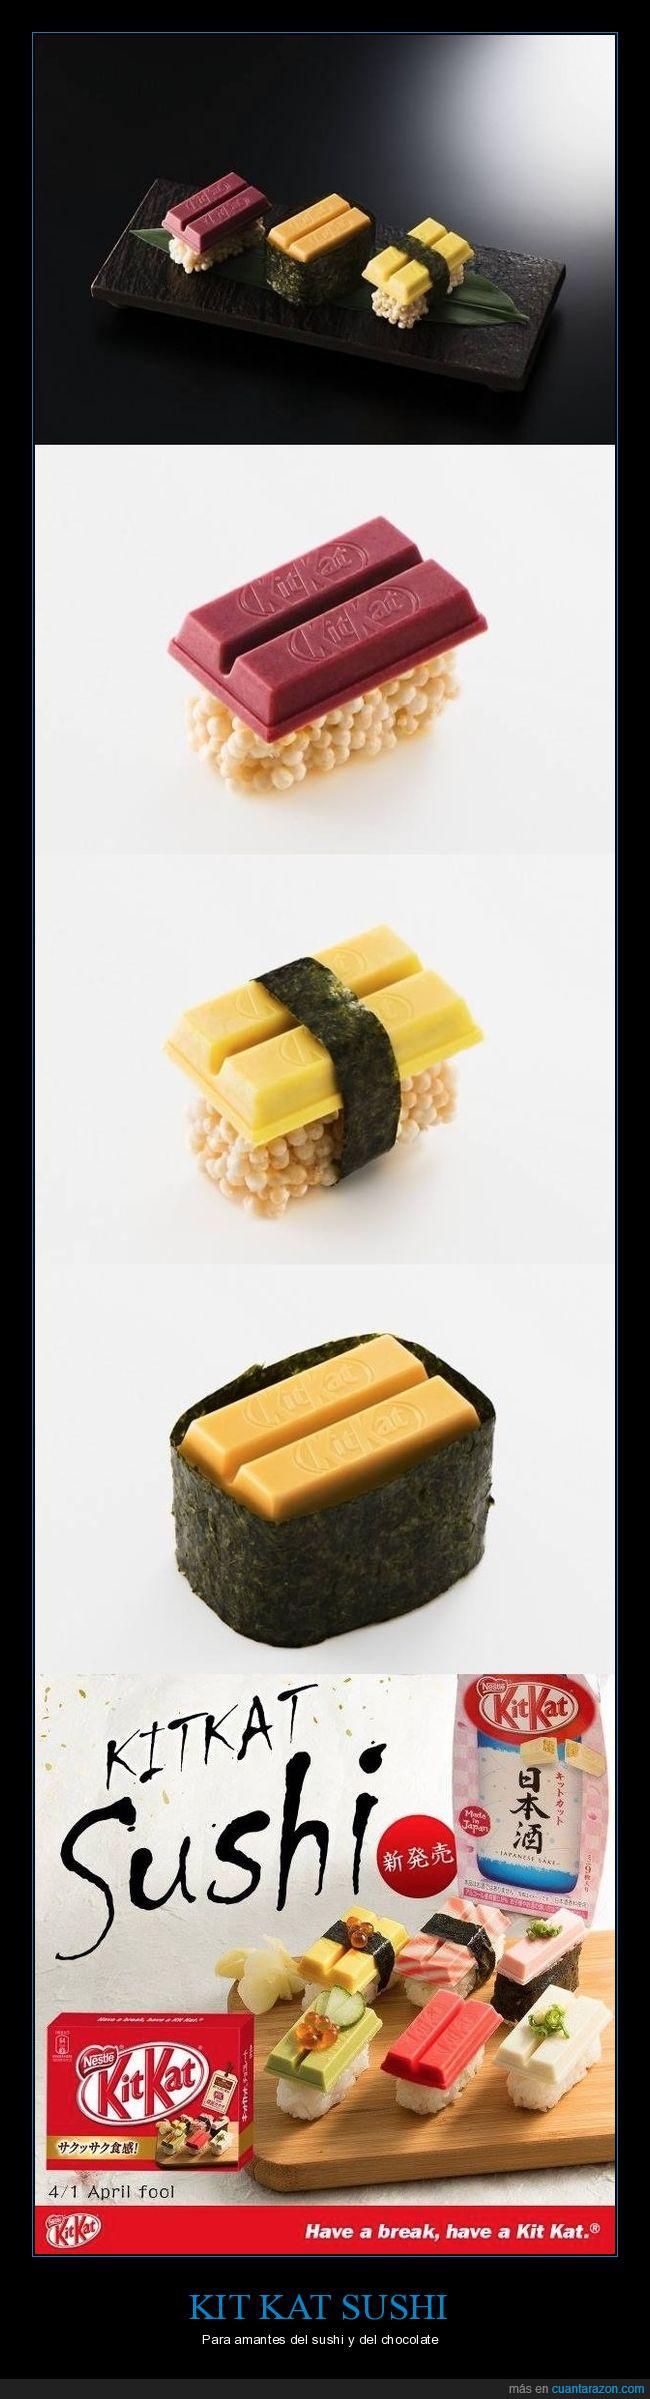 april fool,kit kat,kitkat,no salió a la luz,sushi